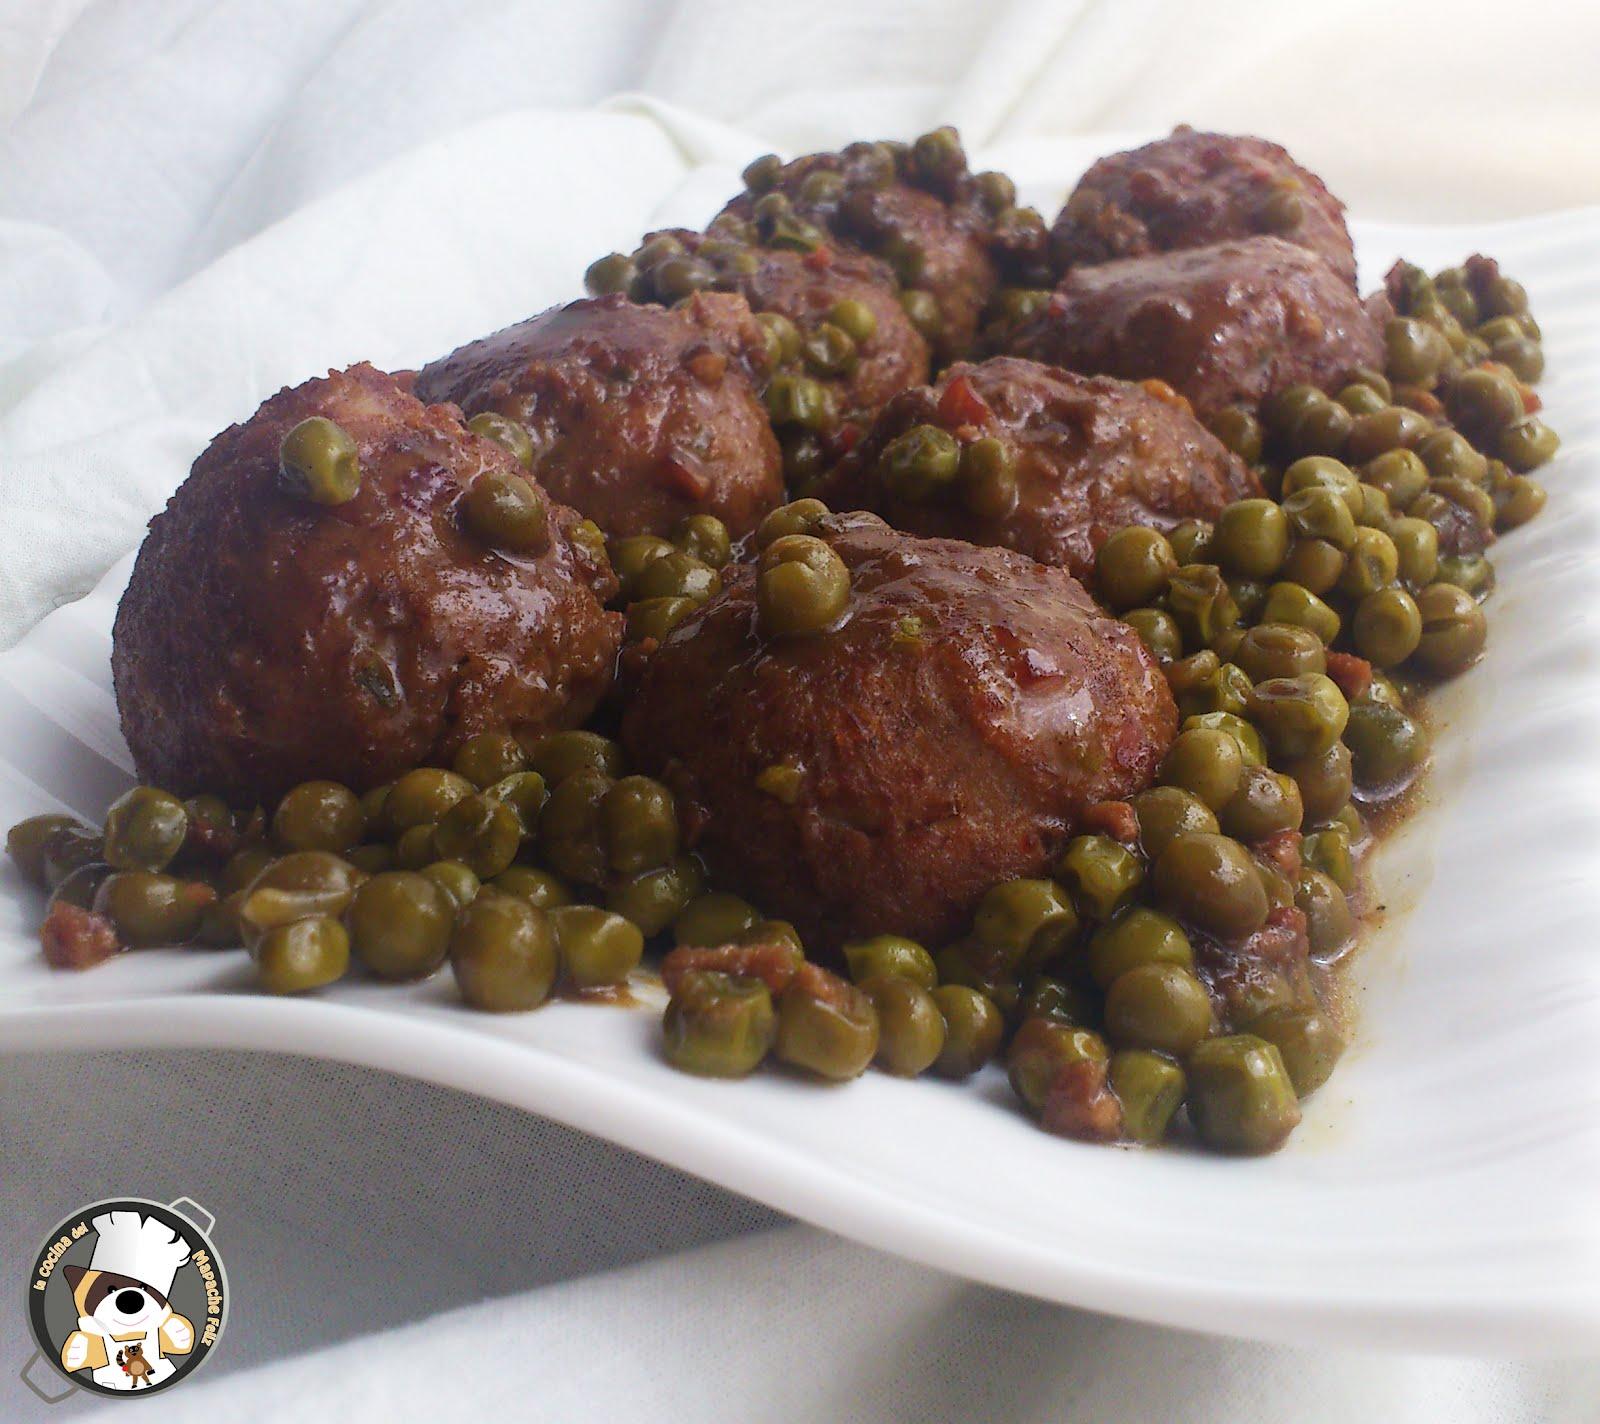 Recetas tradicionales alb ndigas con guisantes la cocina del mapache feliz - Albondigas tradicionales ...